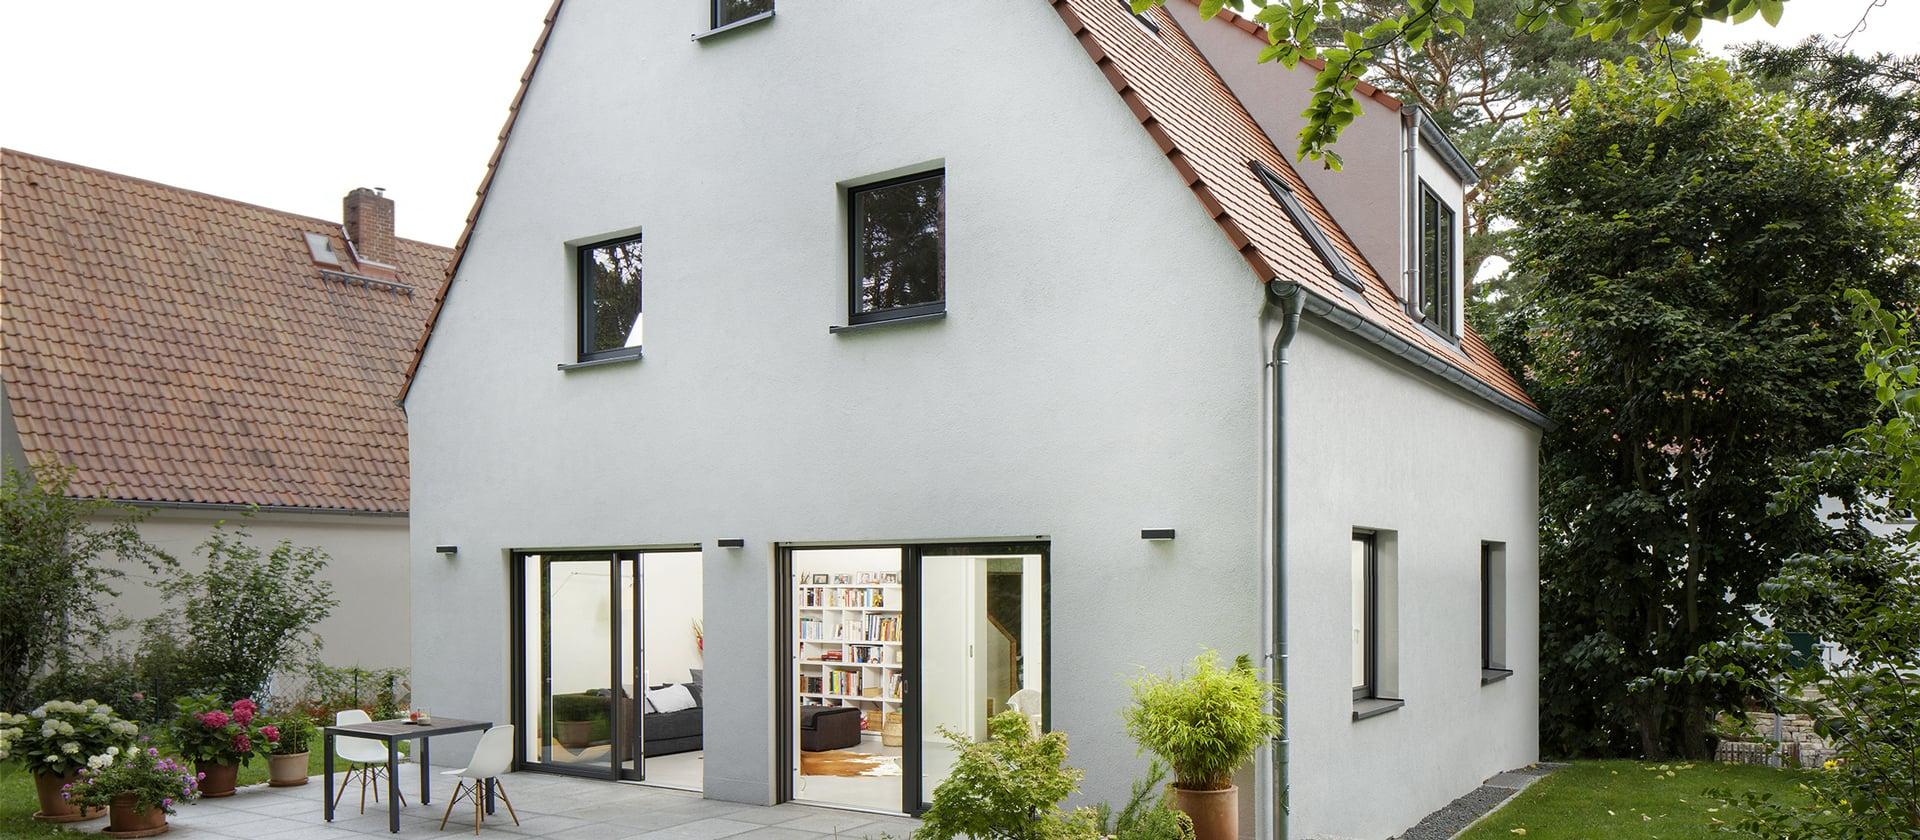 Einfamilienhaus in Berlin